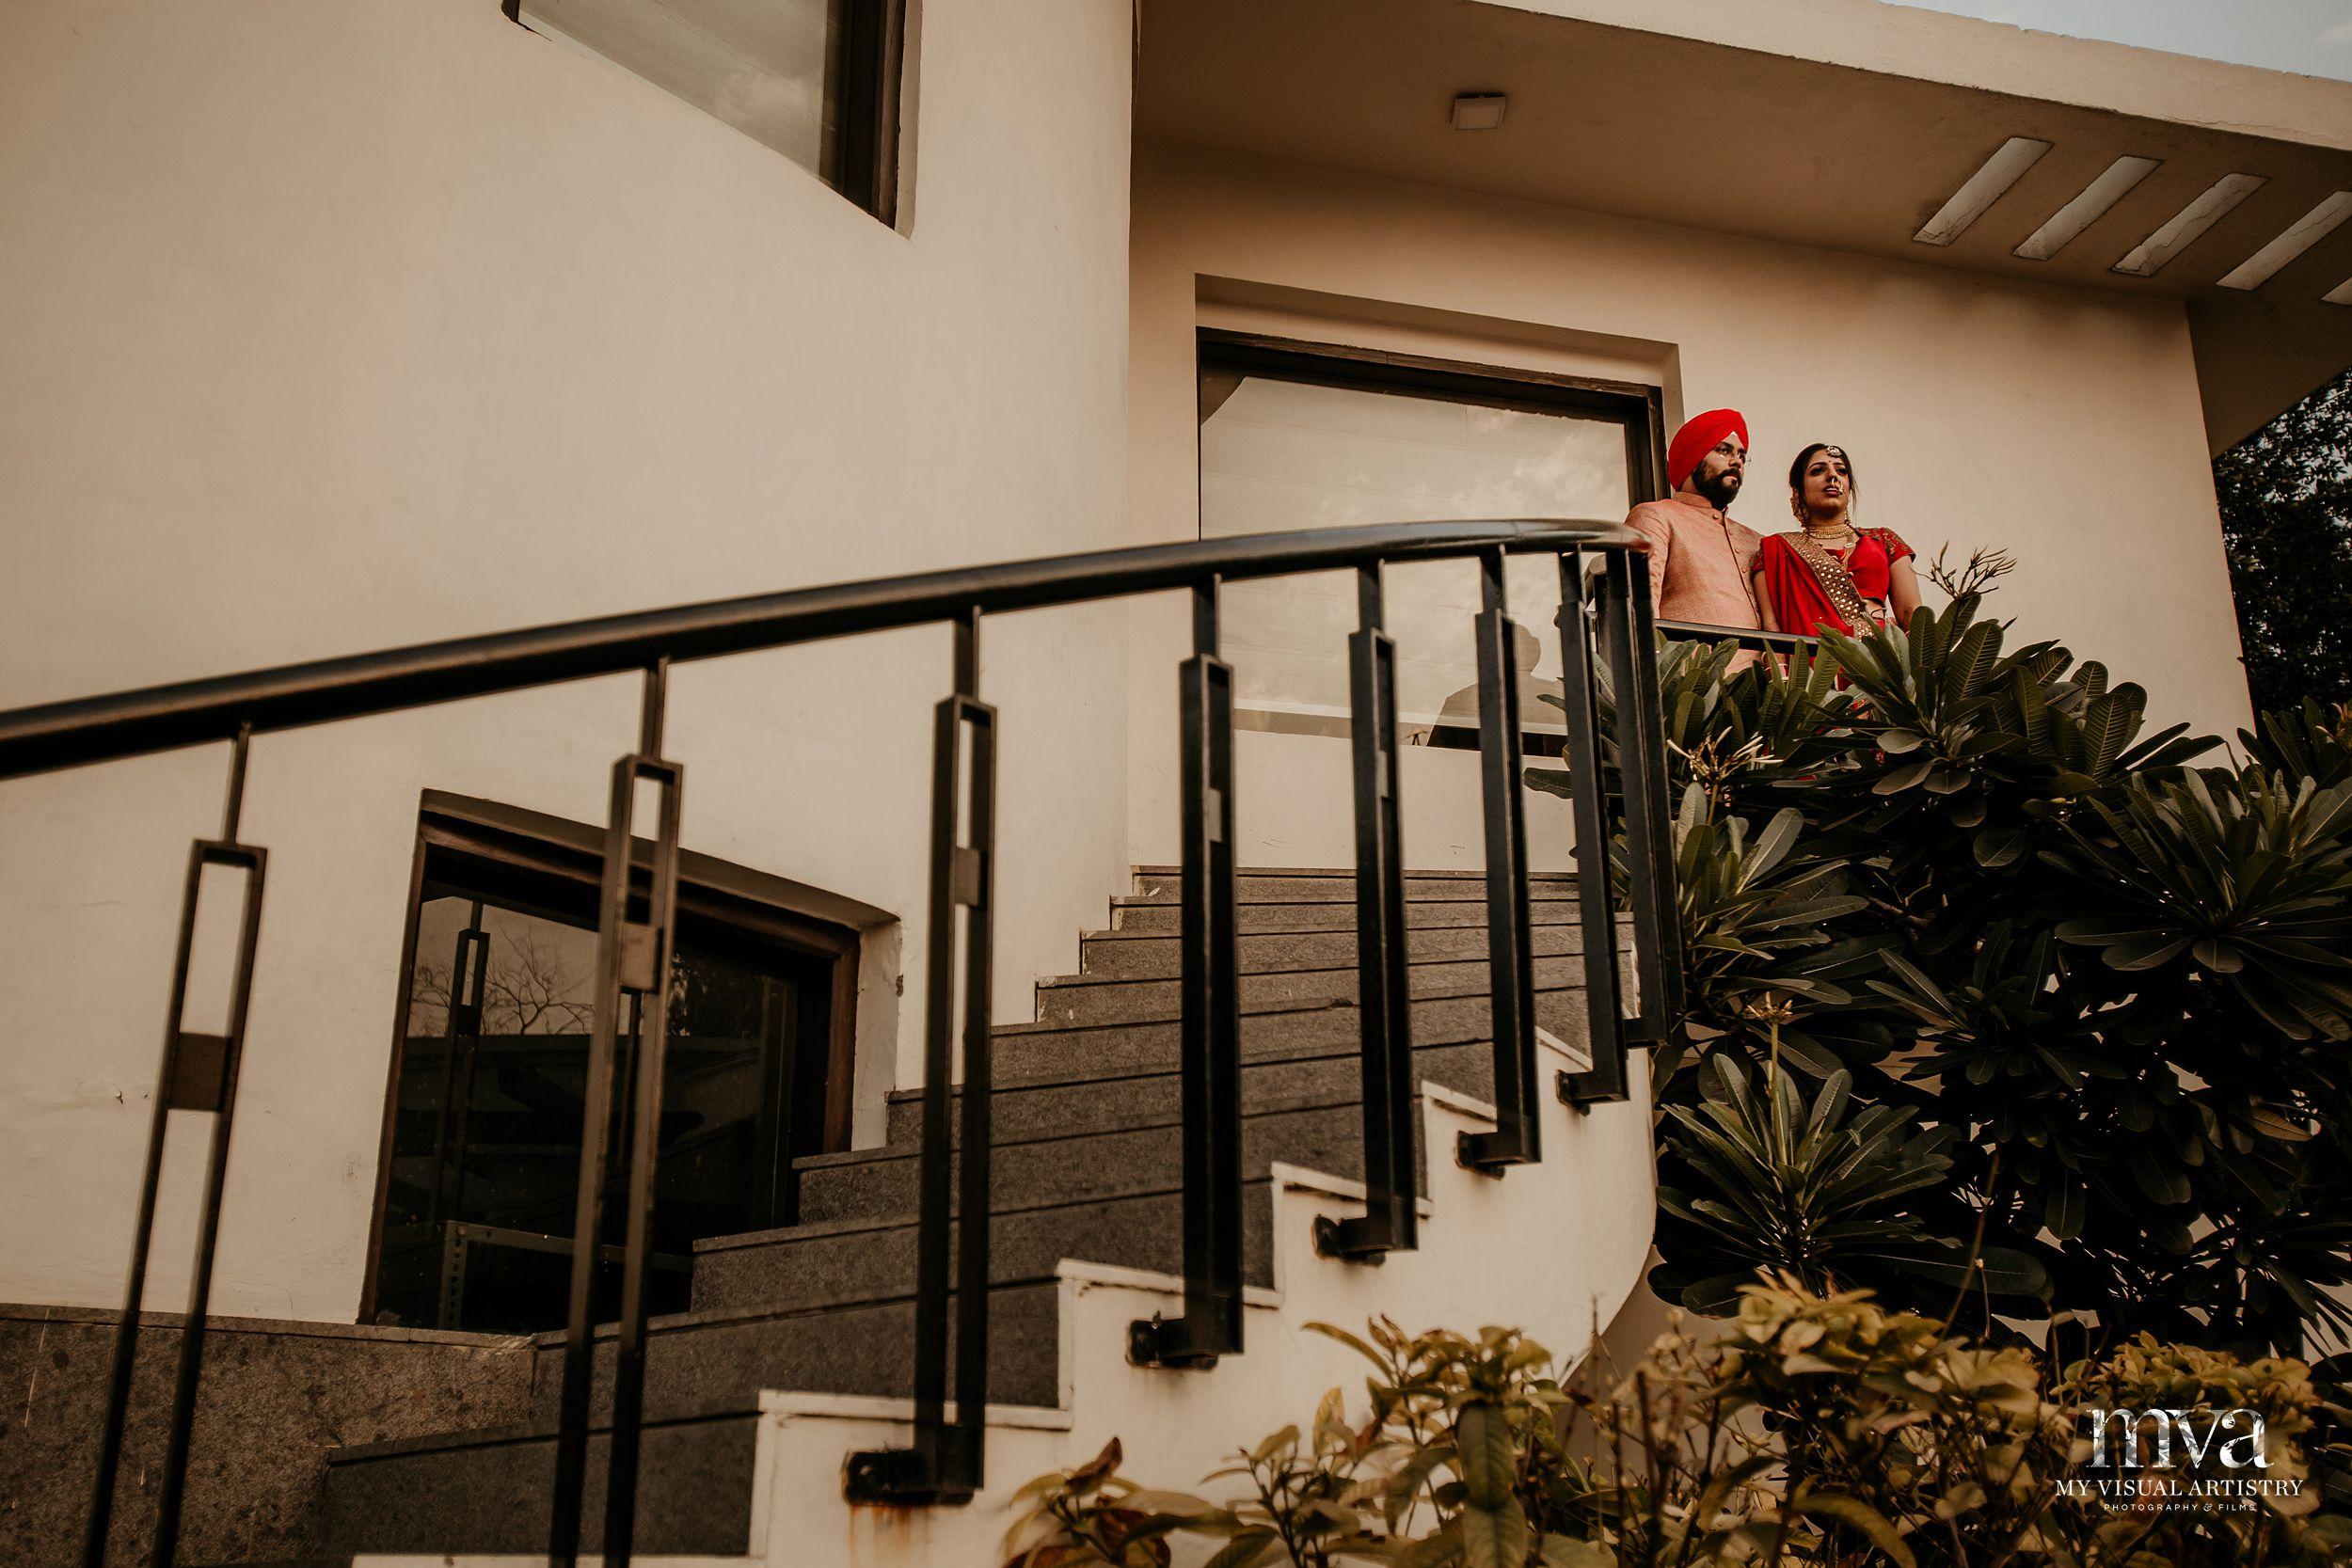 anant_arundhati_myvisualartistry_mva_wedding_sikh_ - 380.jpg